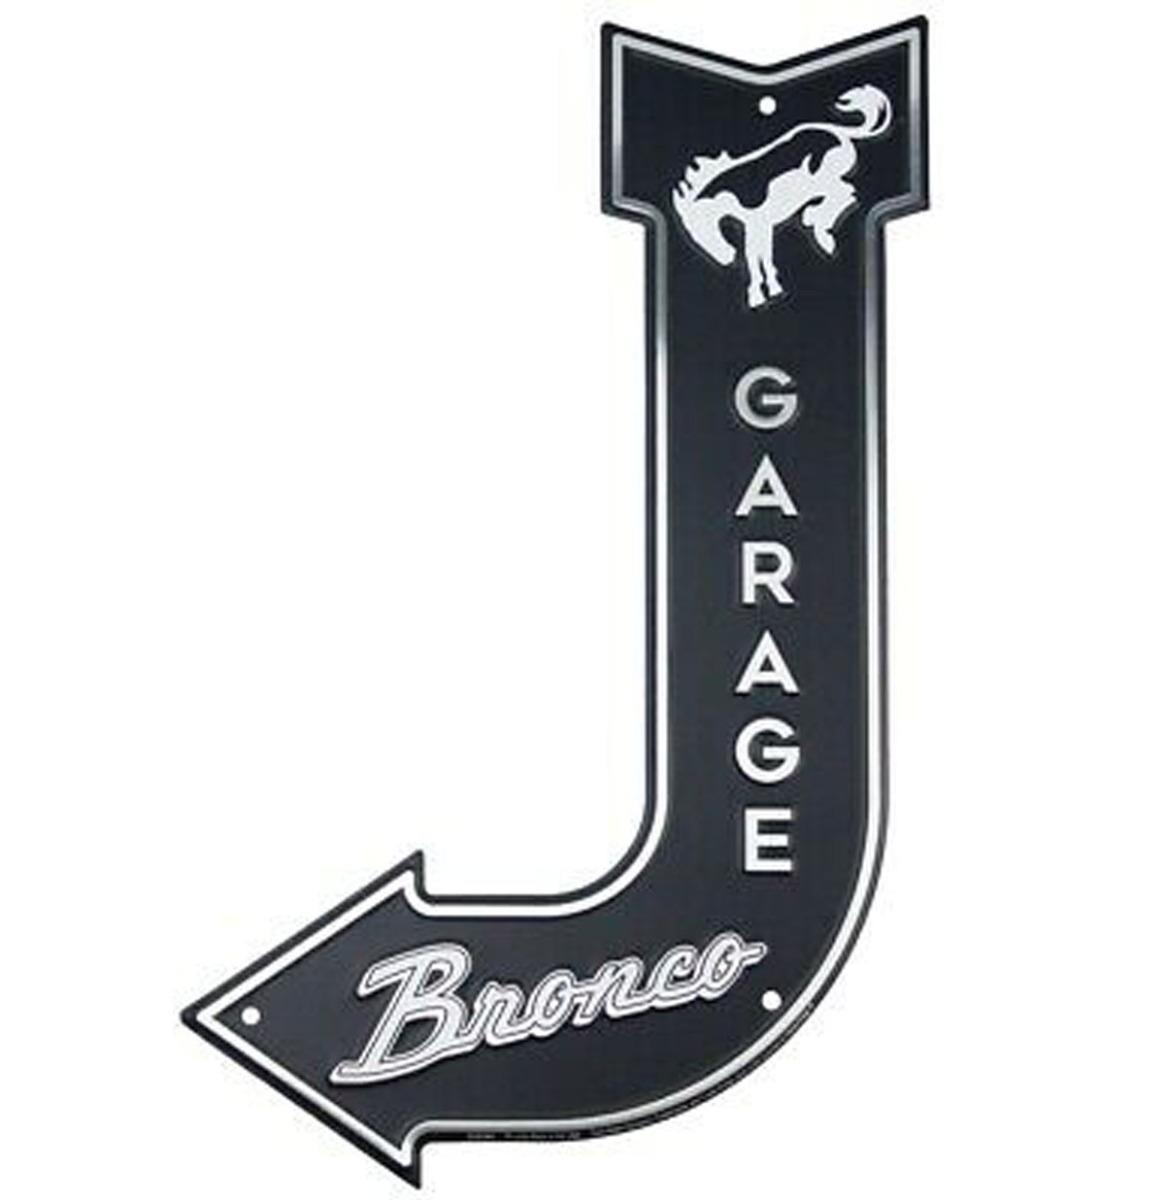 Ford Bronco Garage Gebogen Pijl Aluminium Bord 45 x 28 cm